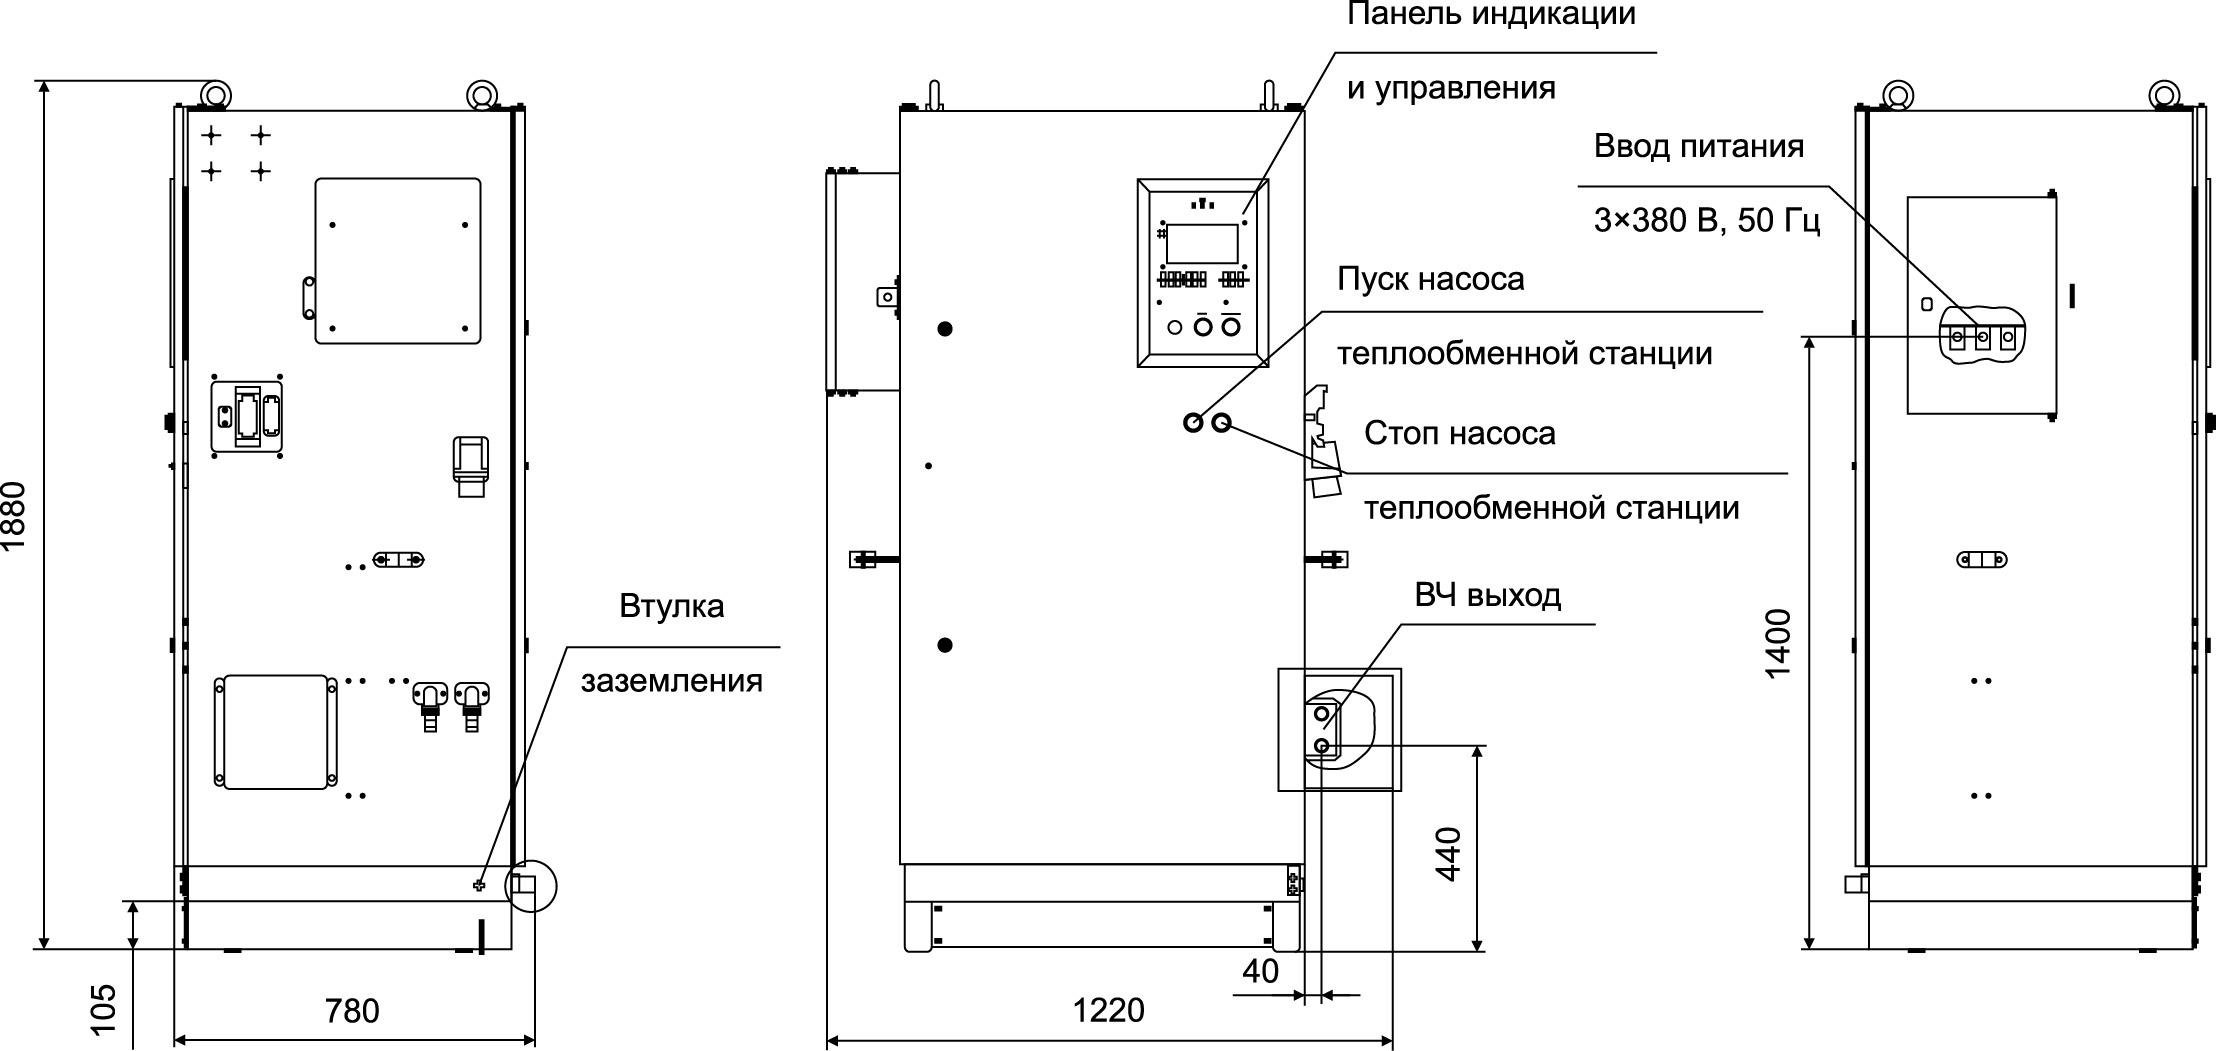 Габаритные размеры шкафа преобразователя ПЕТРА-0133 (для справок)